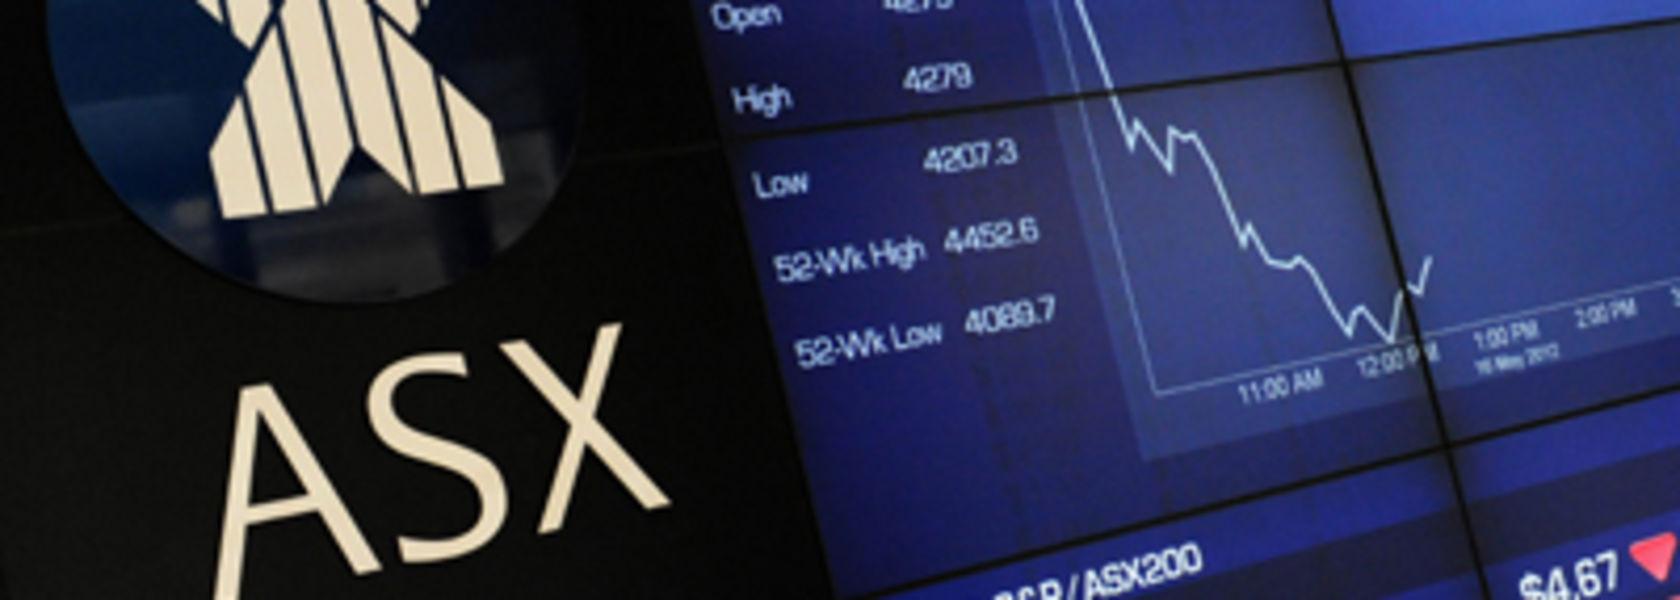 asx 200 - photo #19